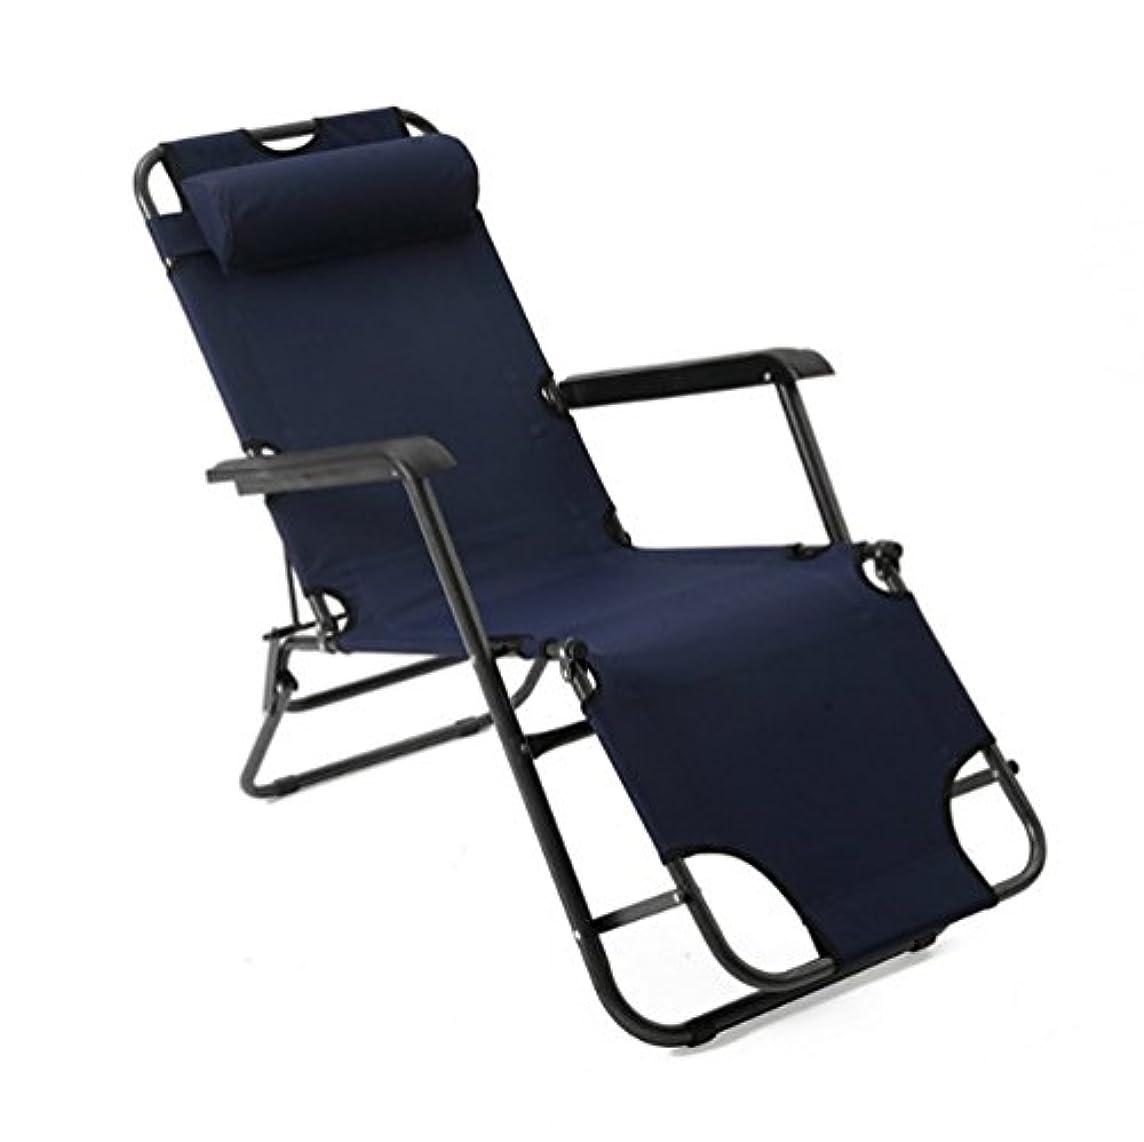 あごひげ余韻アパルHONEI 2Way 枕付き チェア ベッド 折りたたみチェア 折りたたみ式ベッド キャンピングベッド 枕つき アウトドアチェア ゼログラビティ 耐荷重250kg